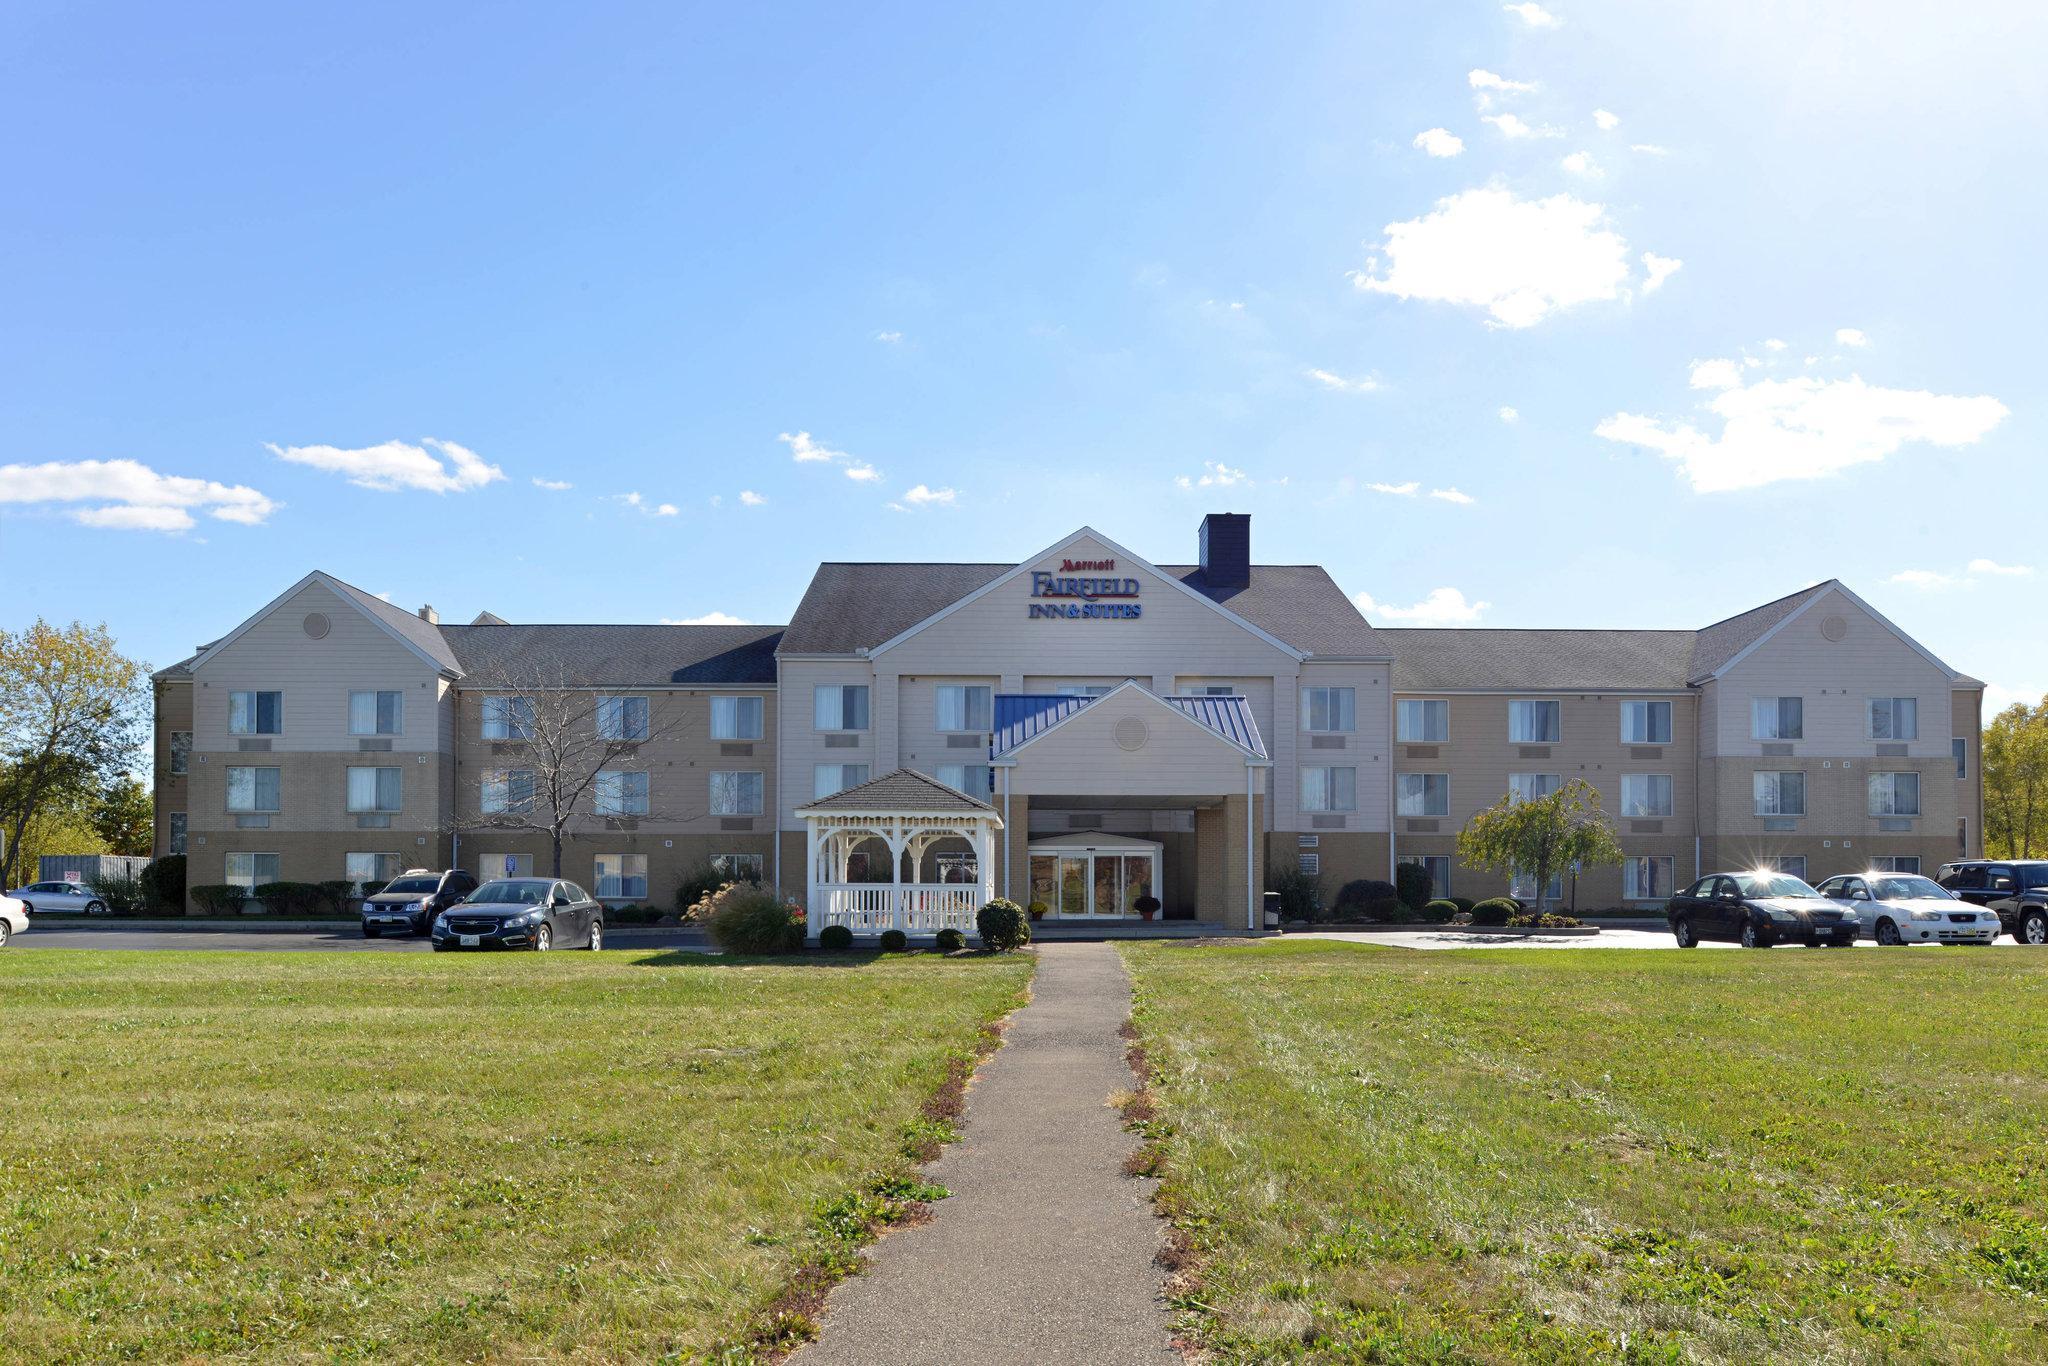 Fairfield Inn & Suites Dayton Troy, Miami